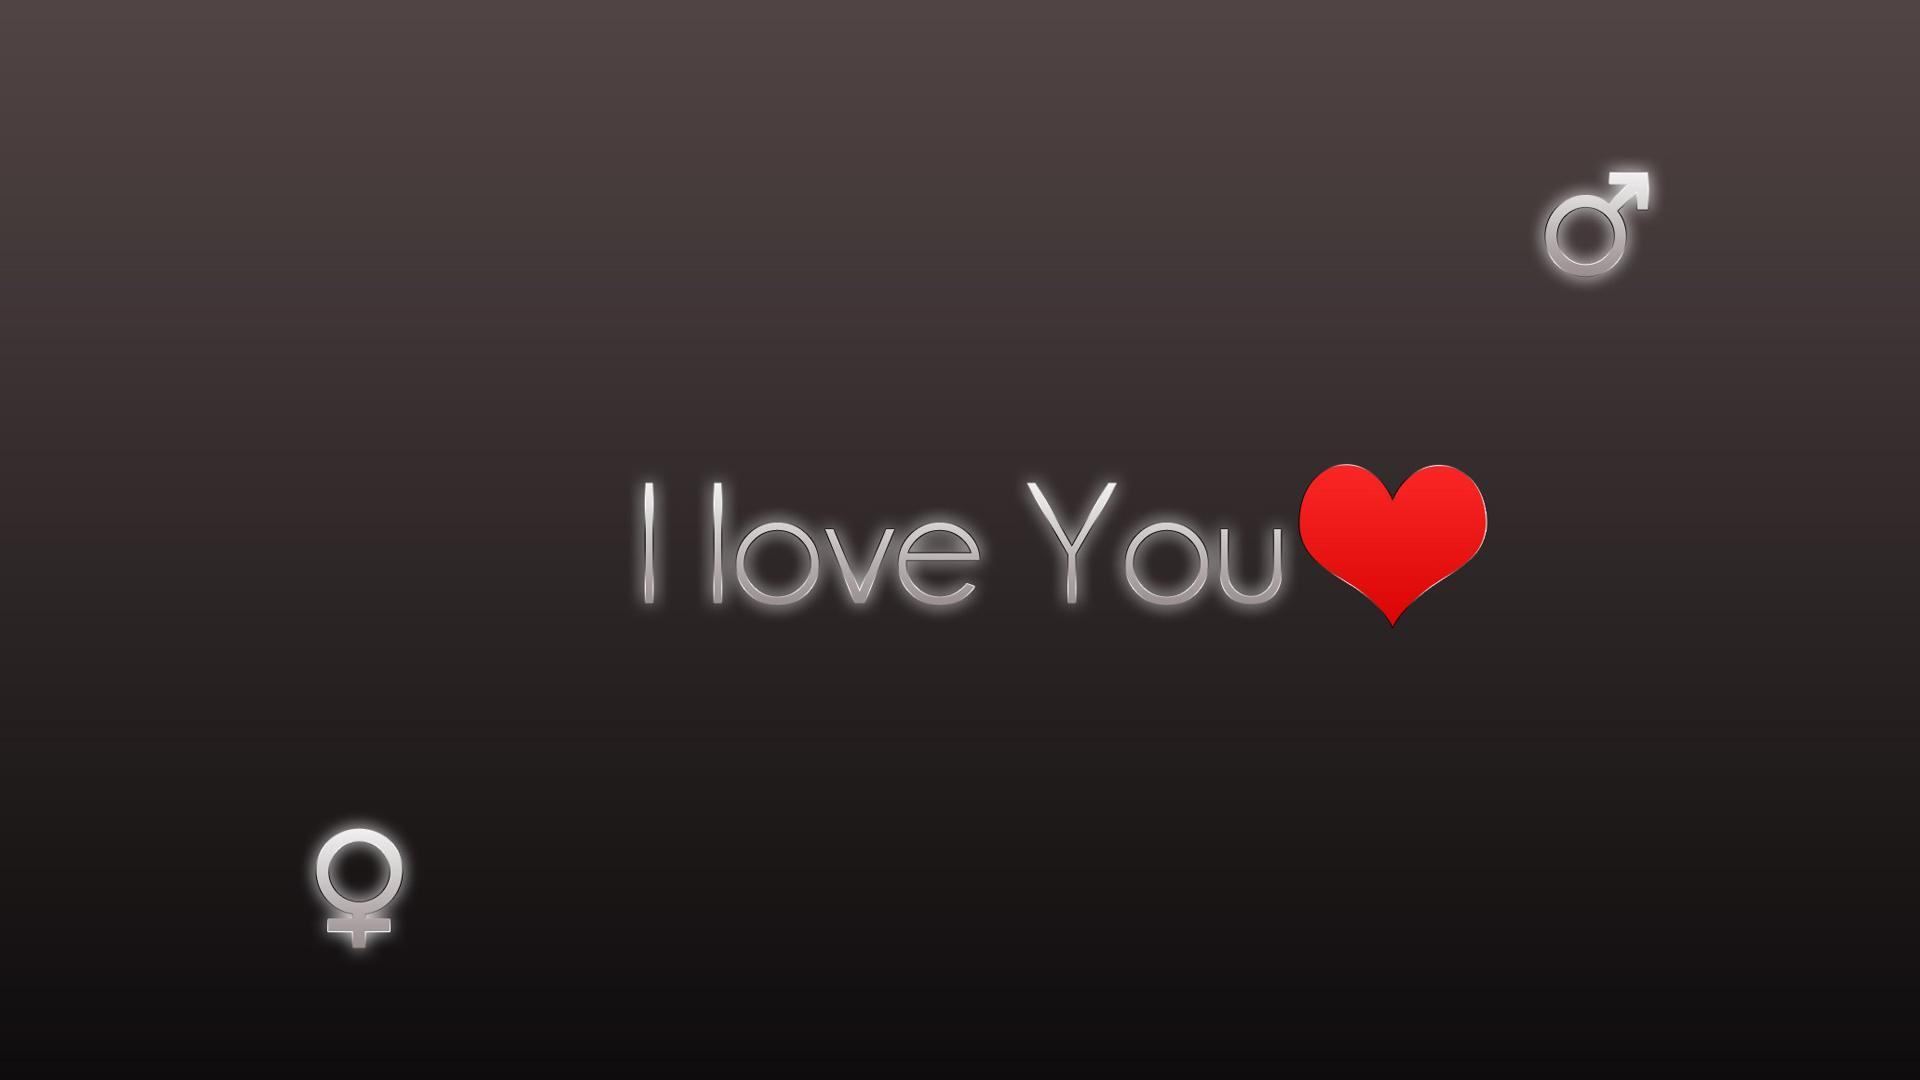 صور عن الحب والغرام صور حب رومانسية جميلة 7